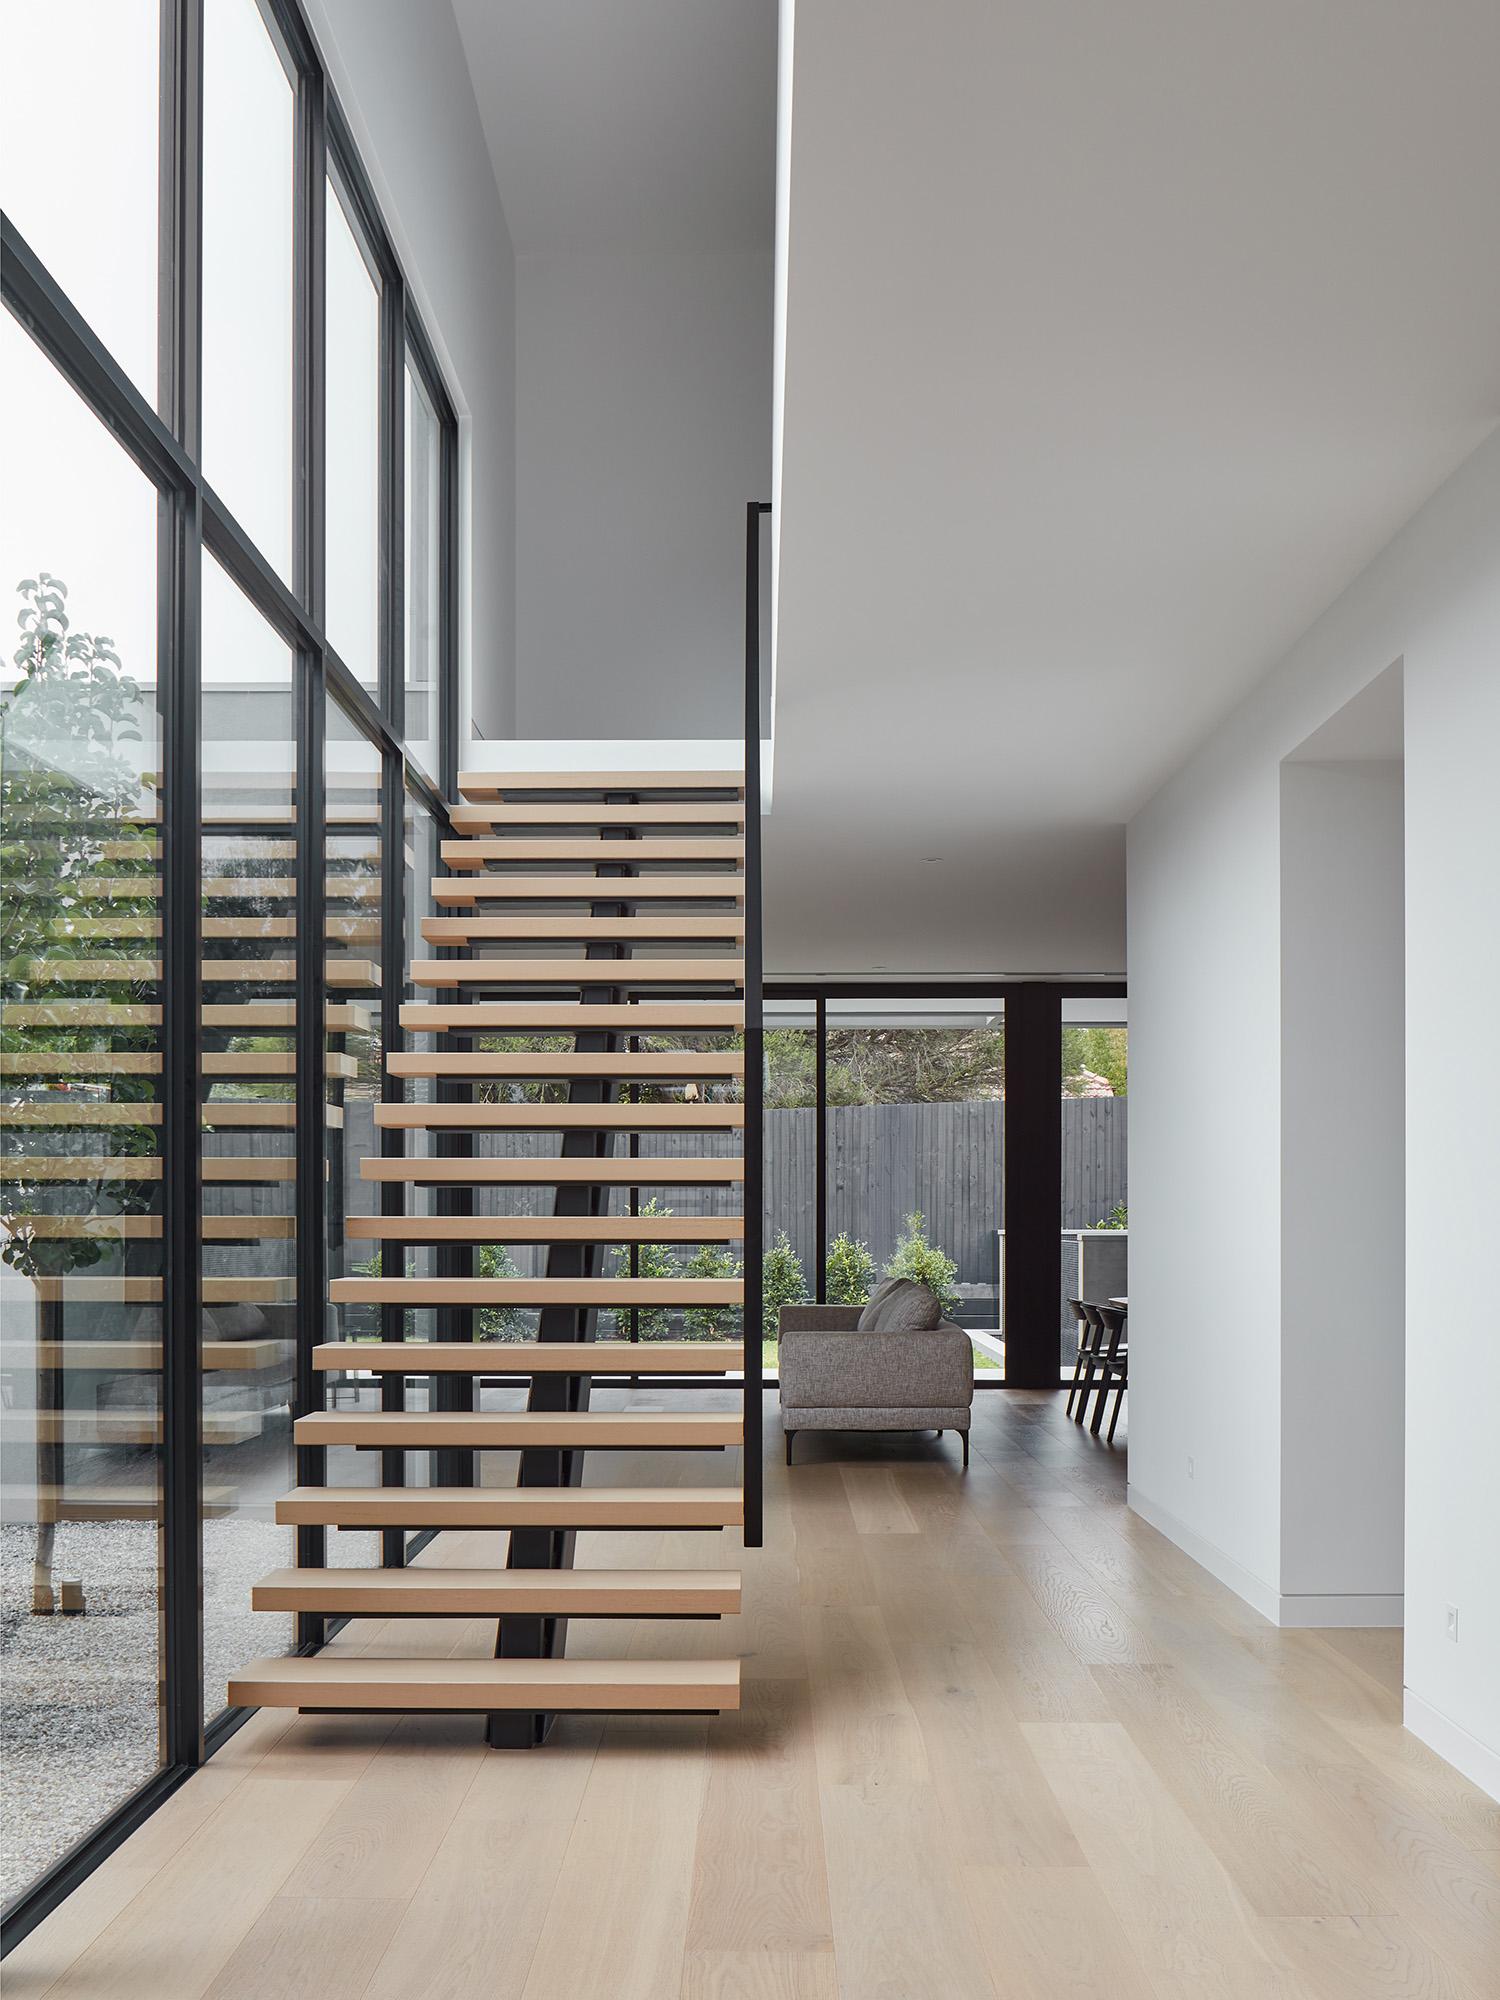 est living vincent house gaggenau 12